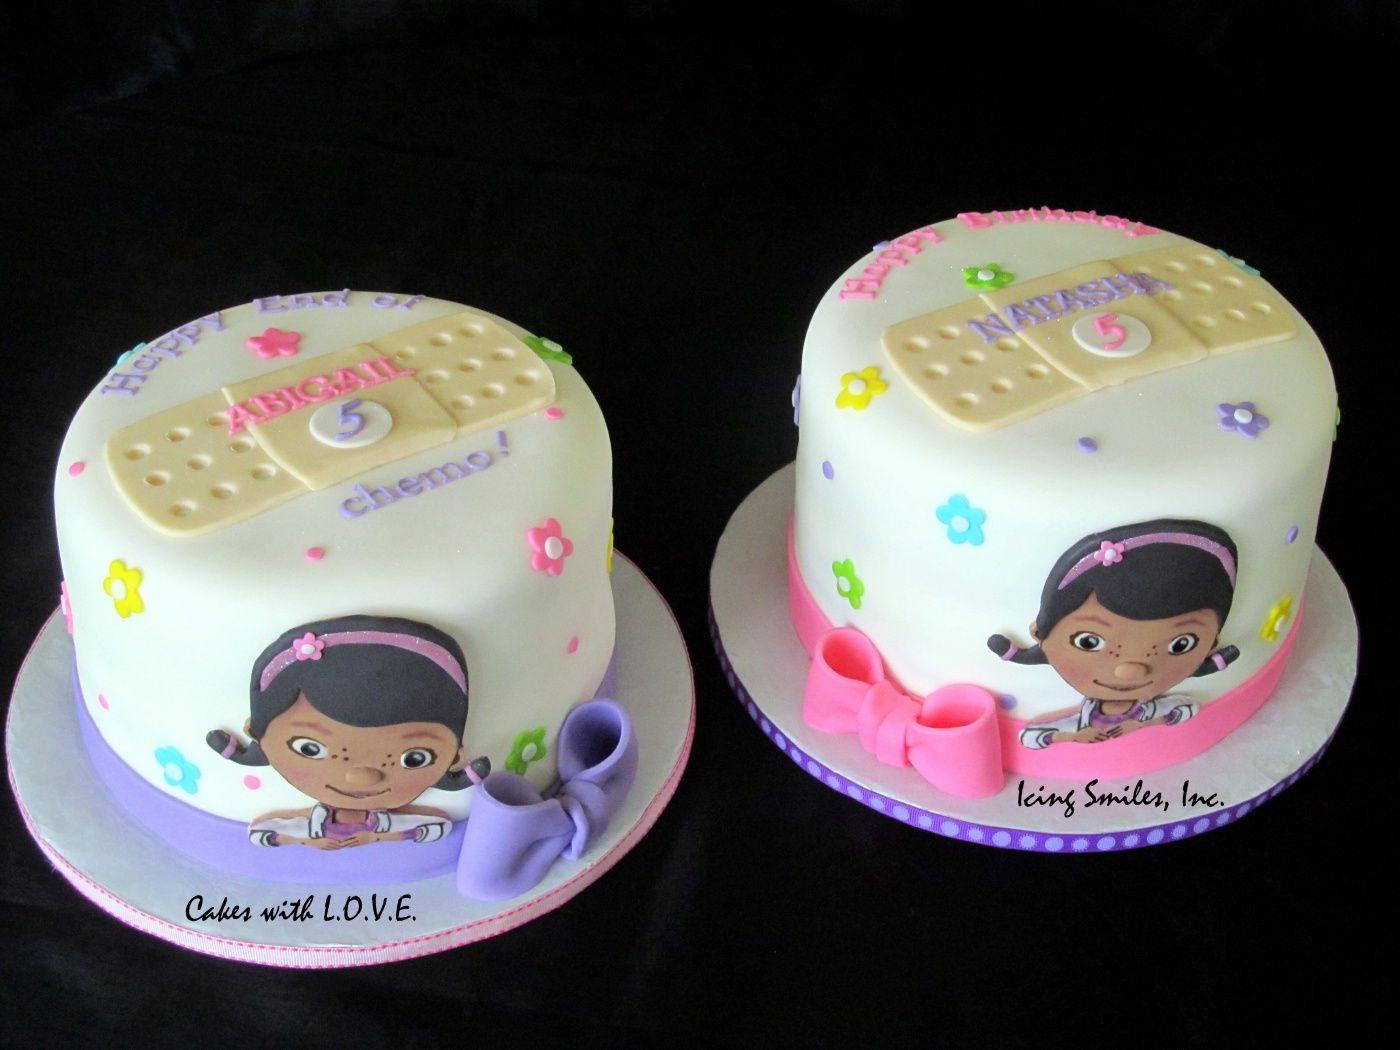 Doc mcstuffins bandages doc mcstuffins party ideas on pinterest doc - Doc Mcstuffins Cake Google Search